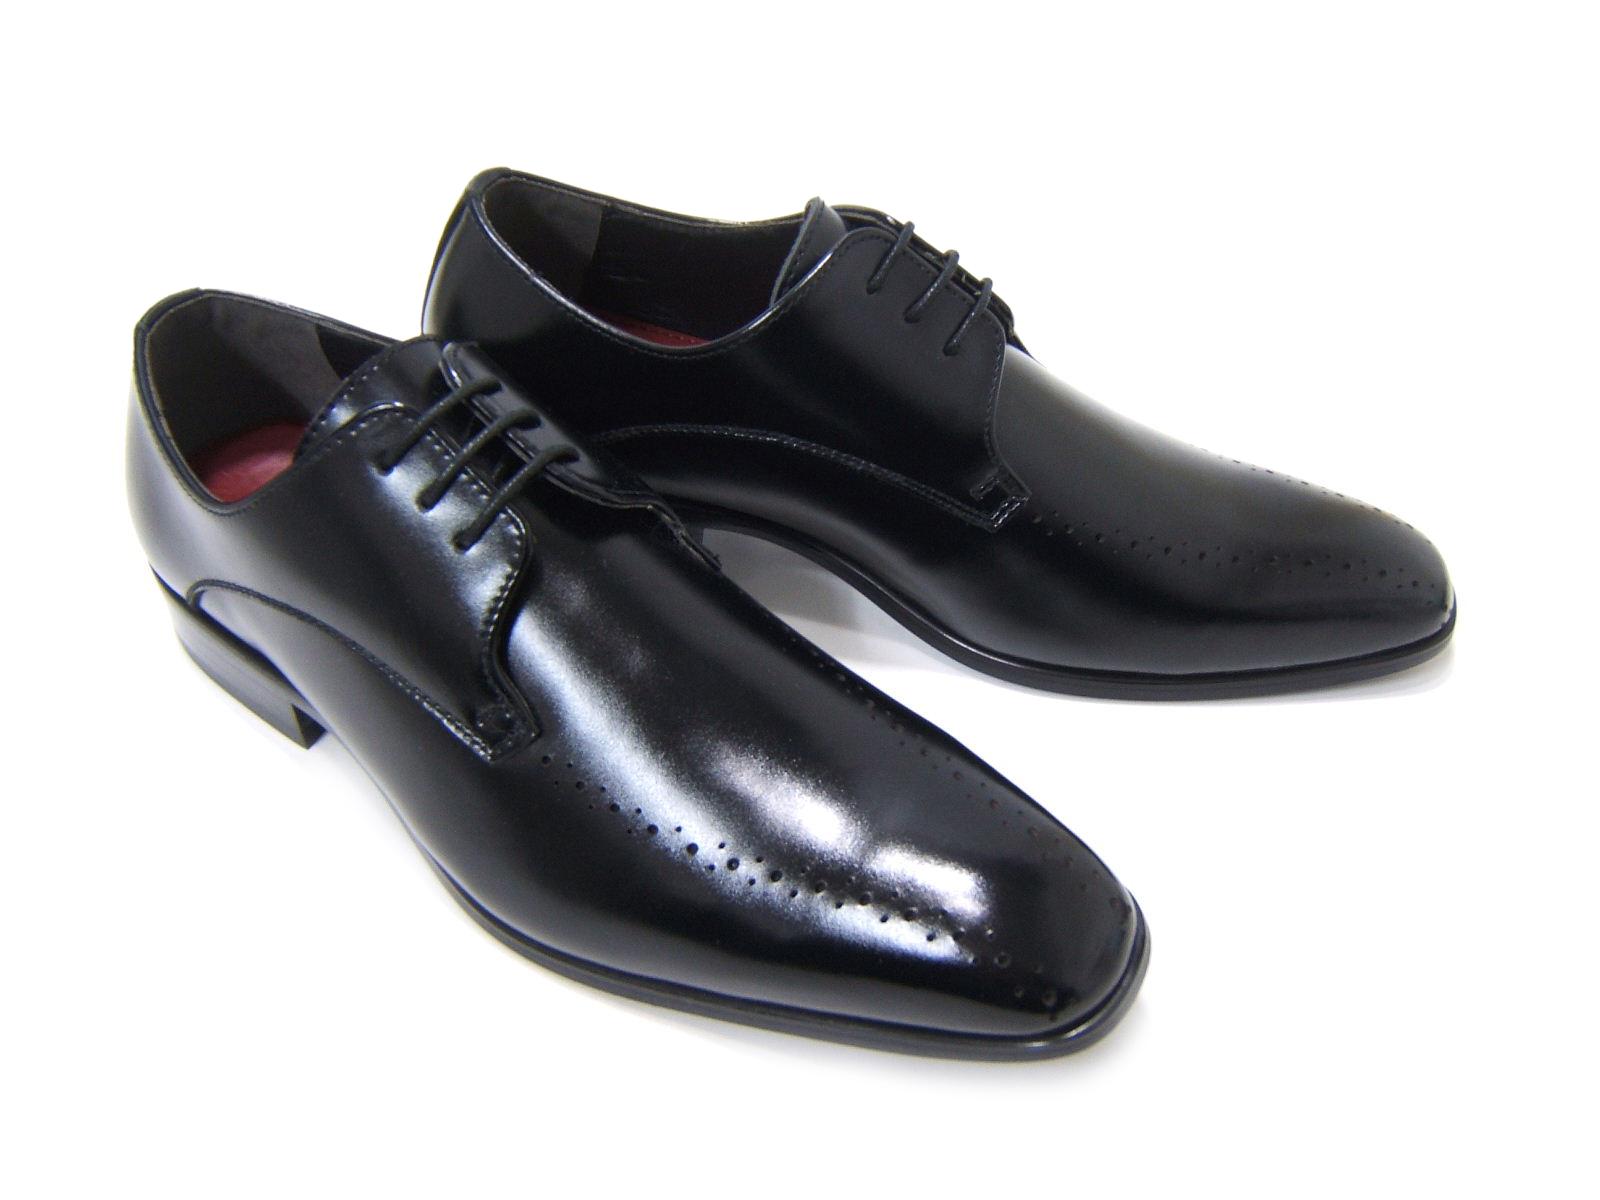 上品で遊び心ある大人の紳士ビジネスシューズ!YUKIKO HANAI/ユキコ ハナイ ビジネスYH-1603 紳士靴 ブラック スワールモカ飾り穴/メダリオン 外羽根 ビジネス 送料無料 ポイント10倍